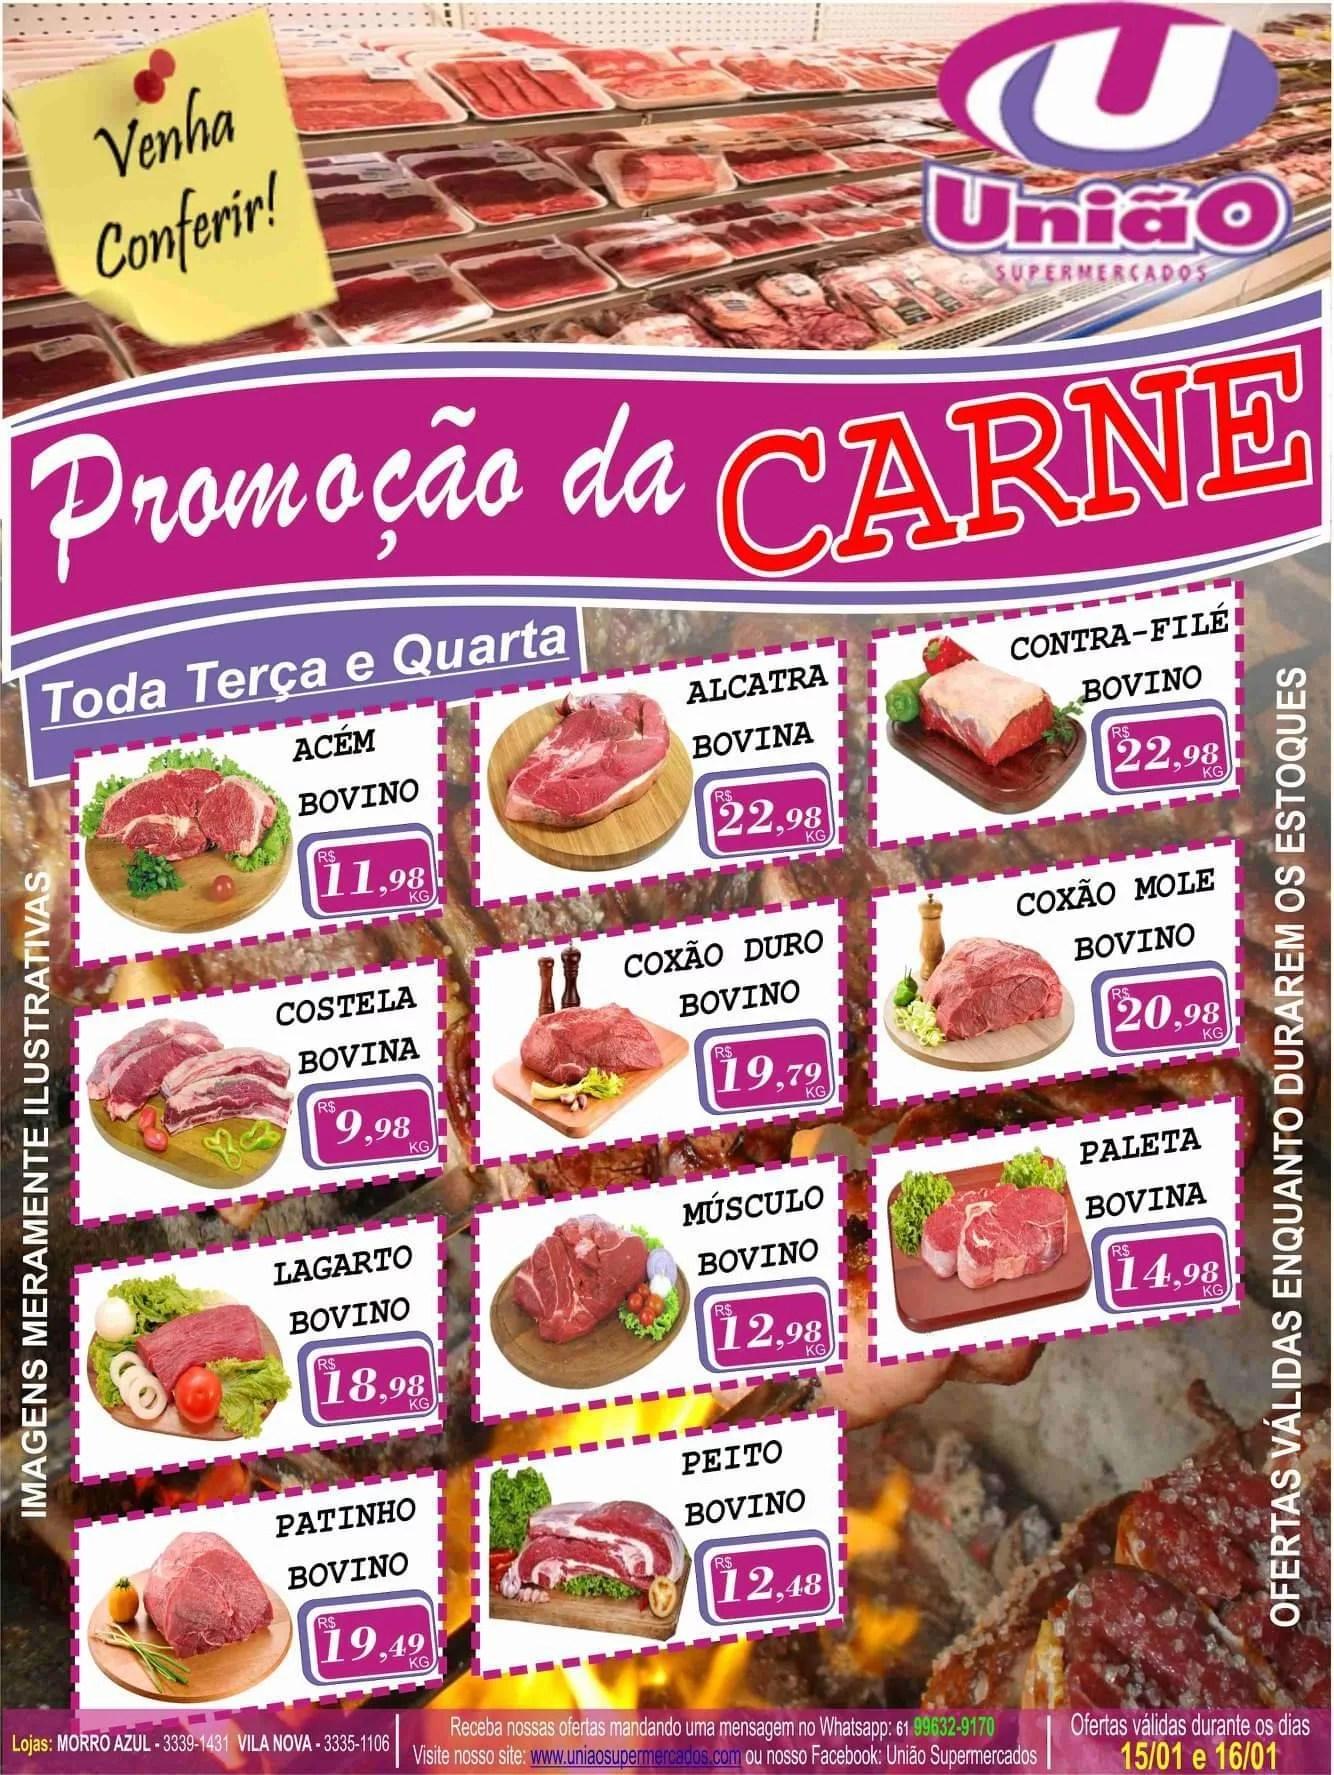 Ofertas Supermercado União96